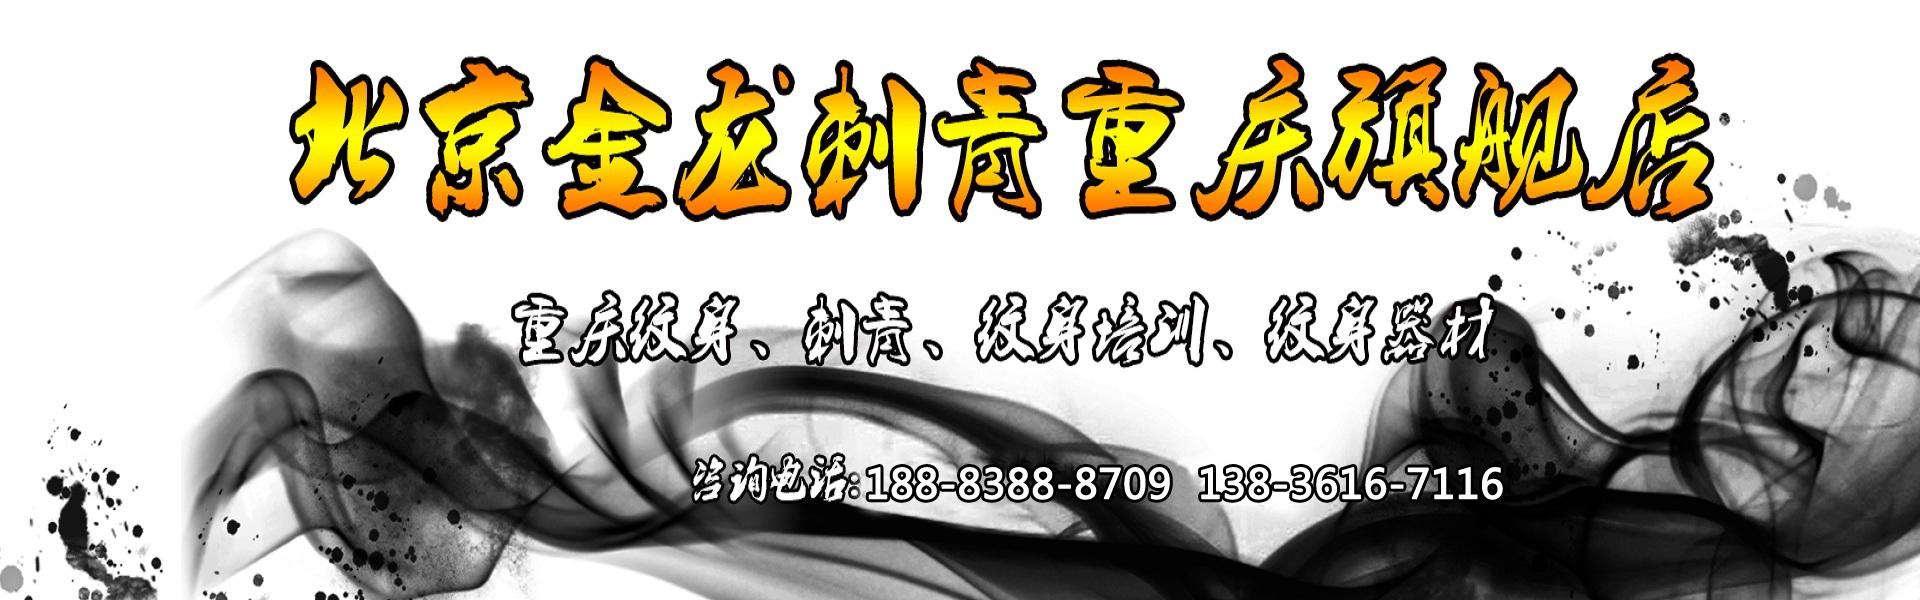 重庆纹身培训、重庆刺青培训、重庆纹身器材